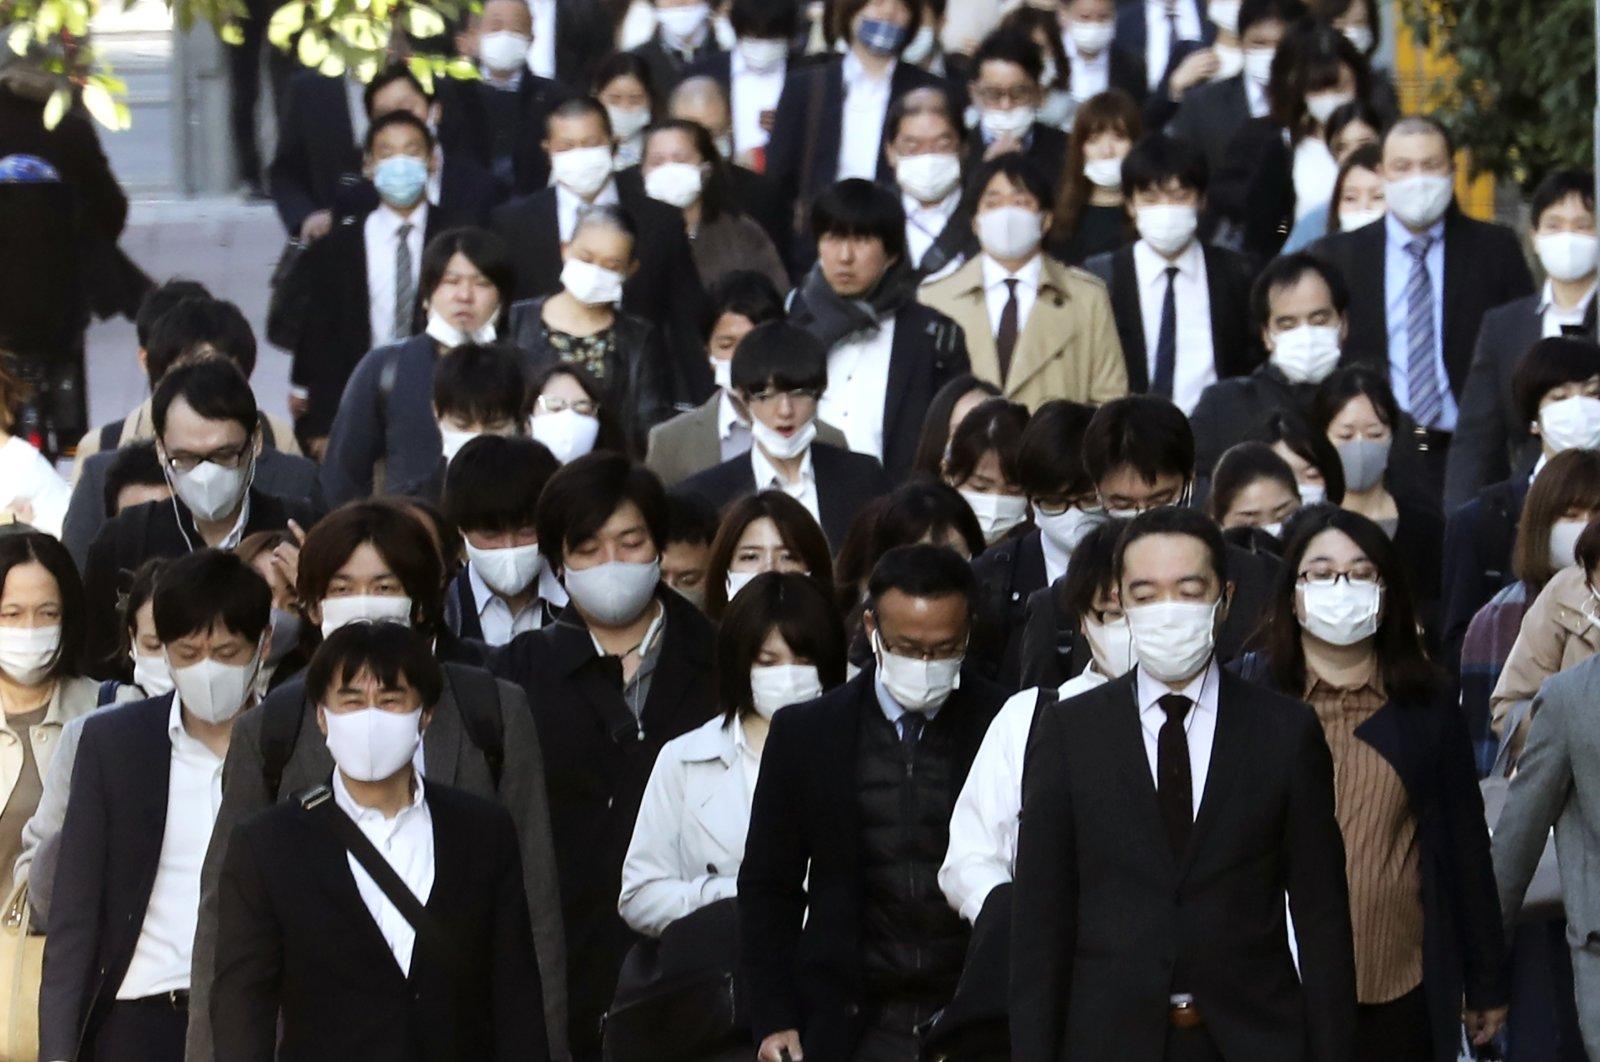 Commuters wearing masks walk on a street in Tokyo, Japan, Nov. 17, 2020. (AP Photo)